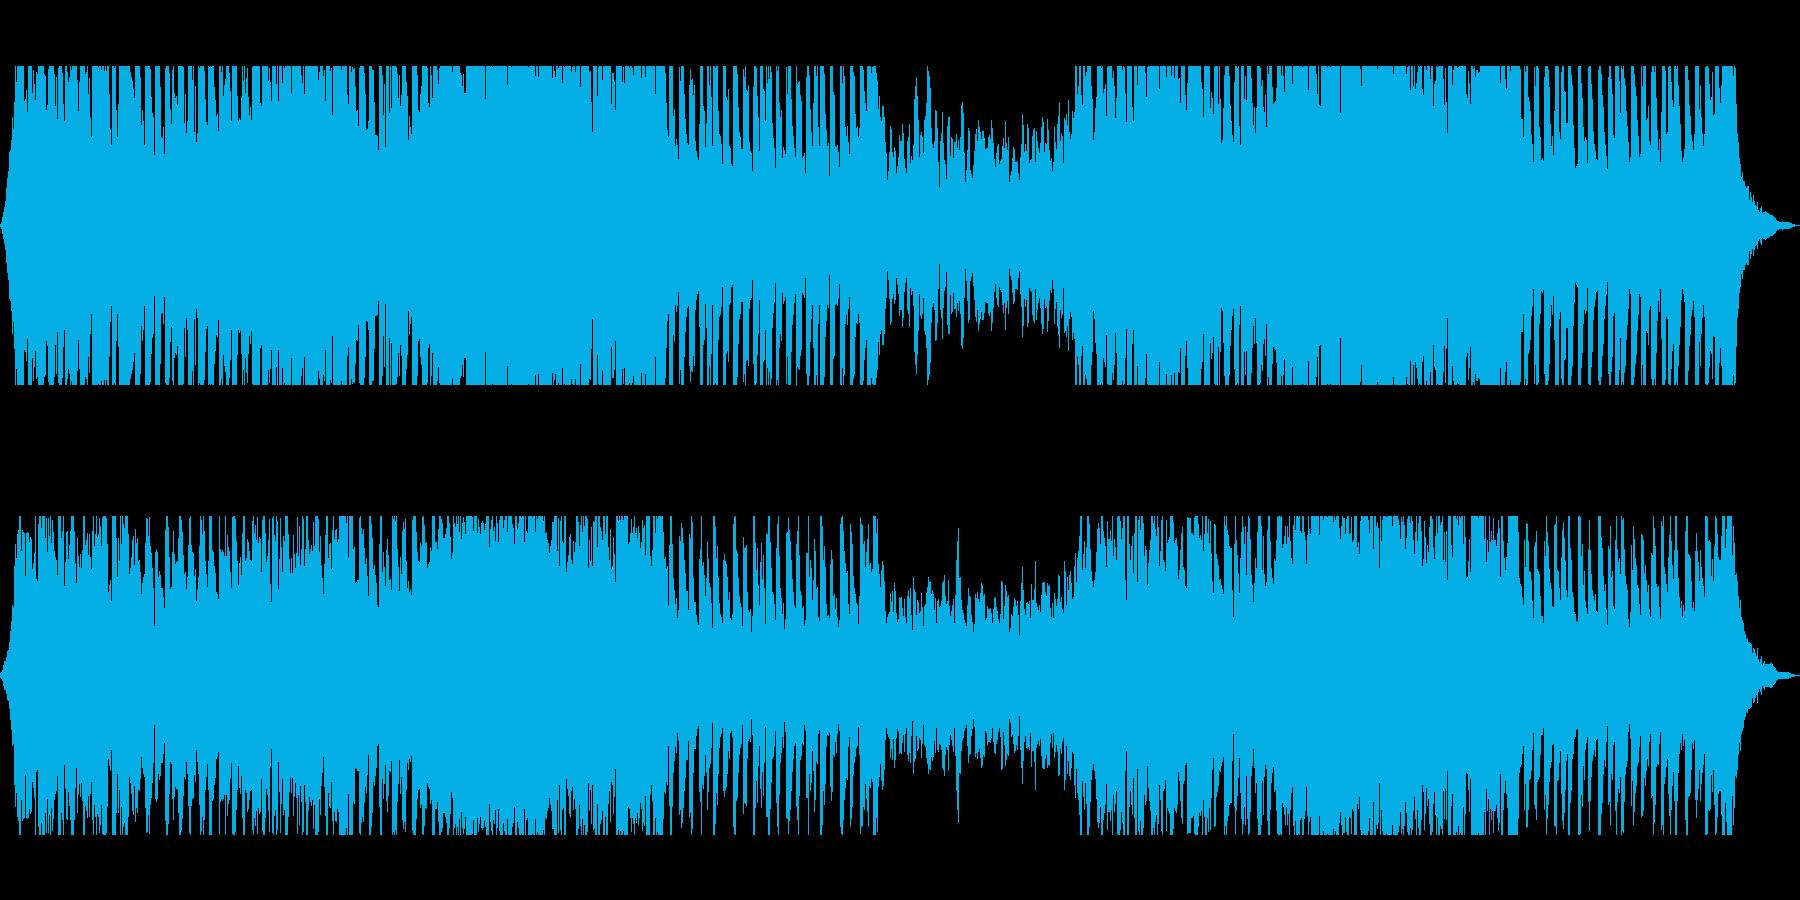 フルオーケストラ+生ドラム/バトル戦の再生済みの波形